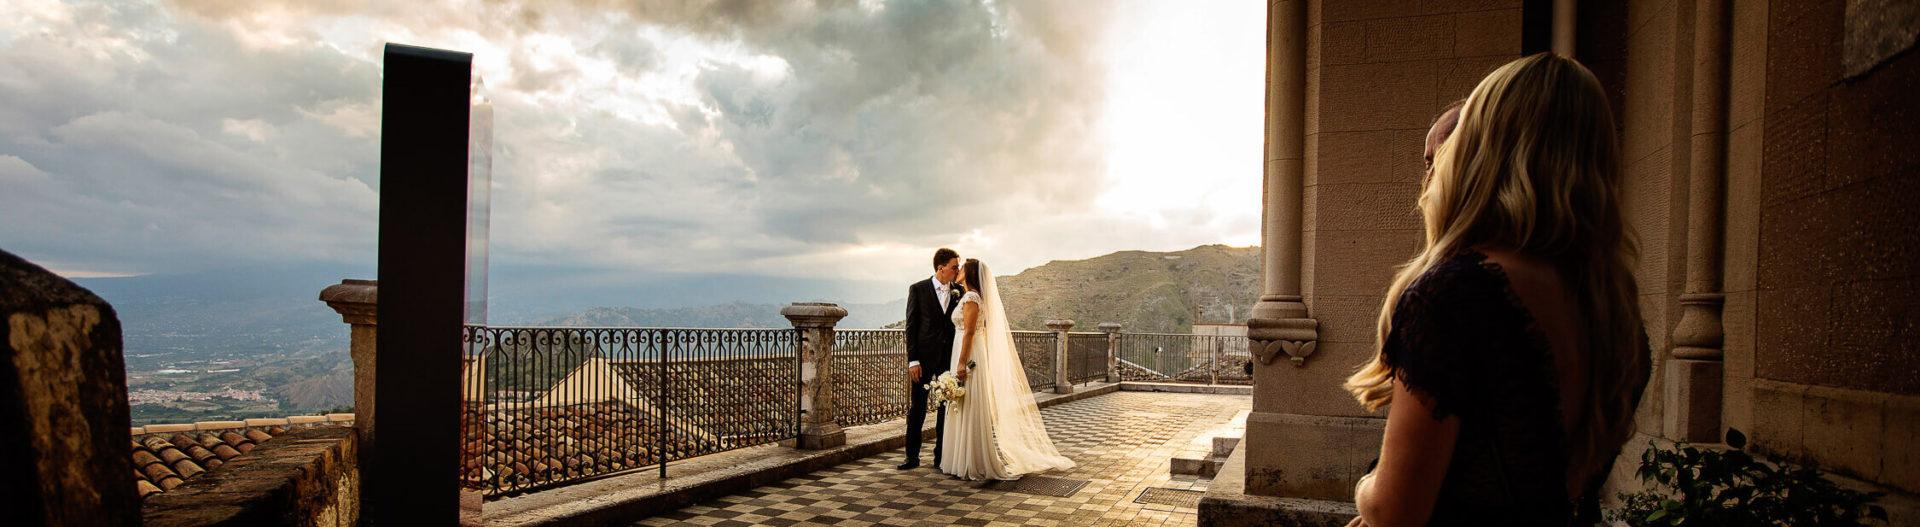 Panoramica degli sposi al belvedere di Castelmola